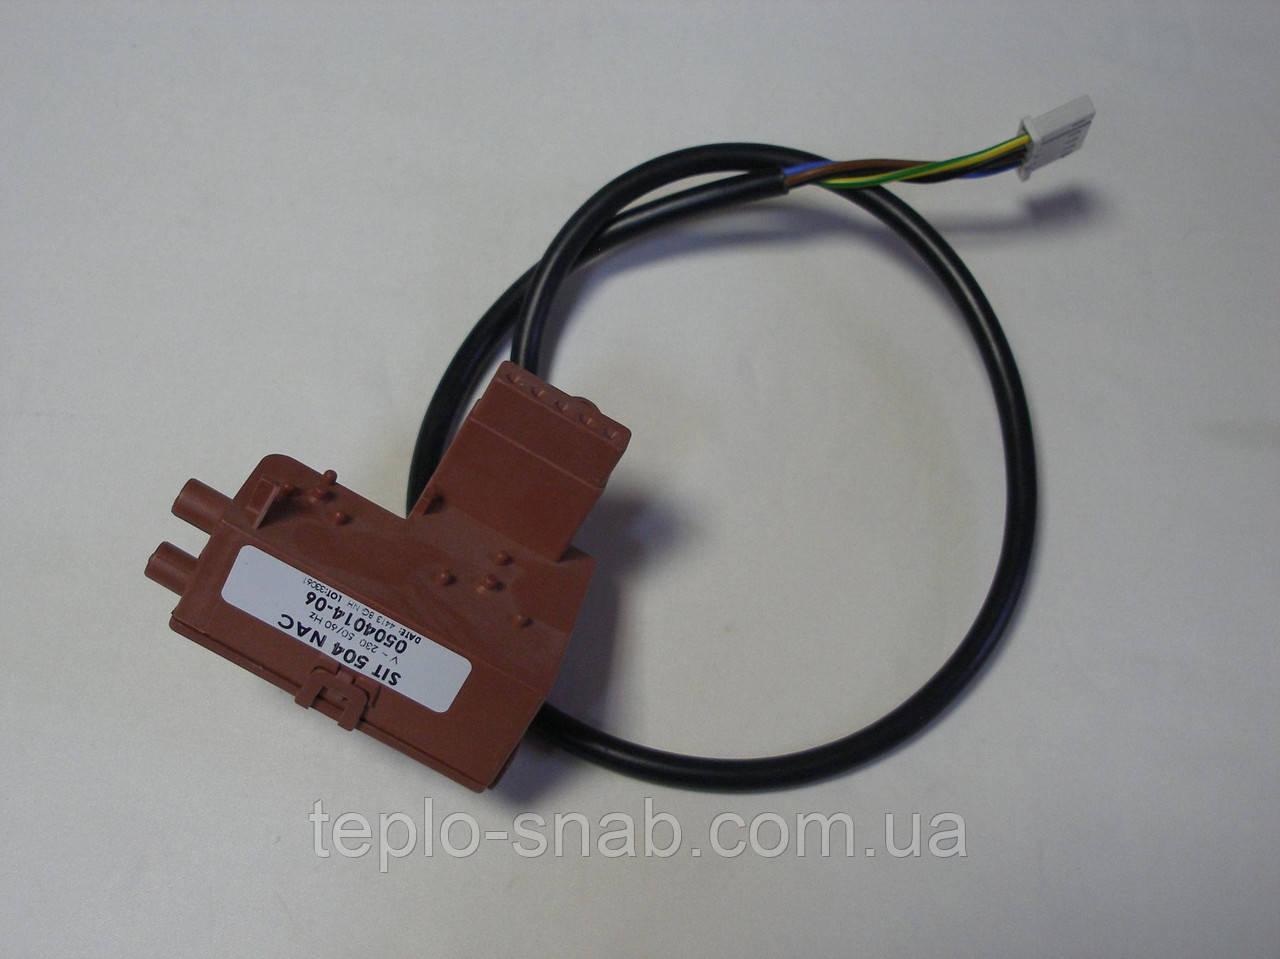 Високовольтний трансформатор розпалу 504 NAC for SIGMA - 0.504.014